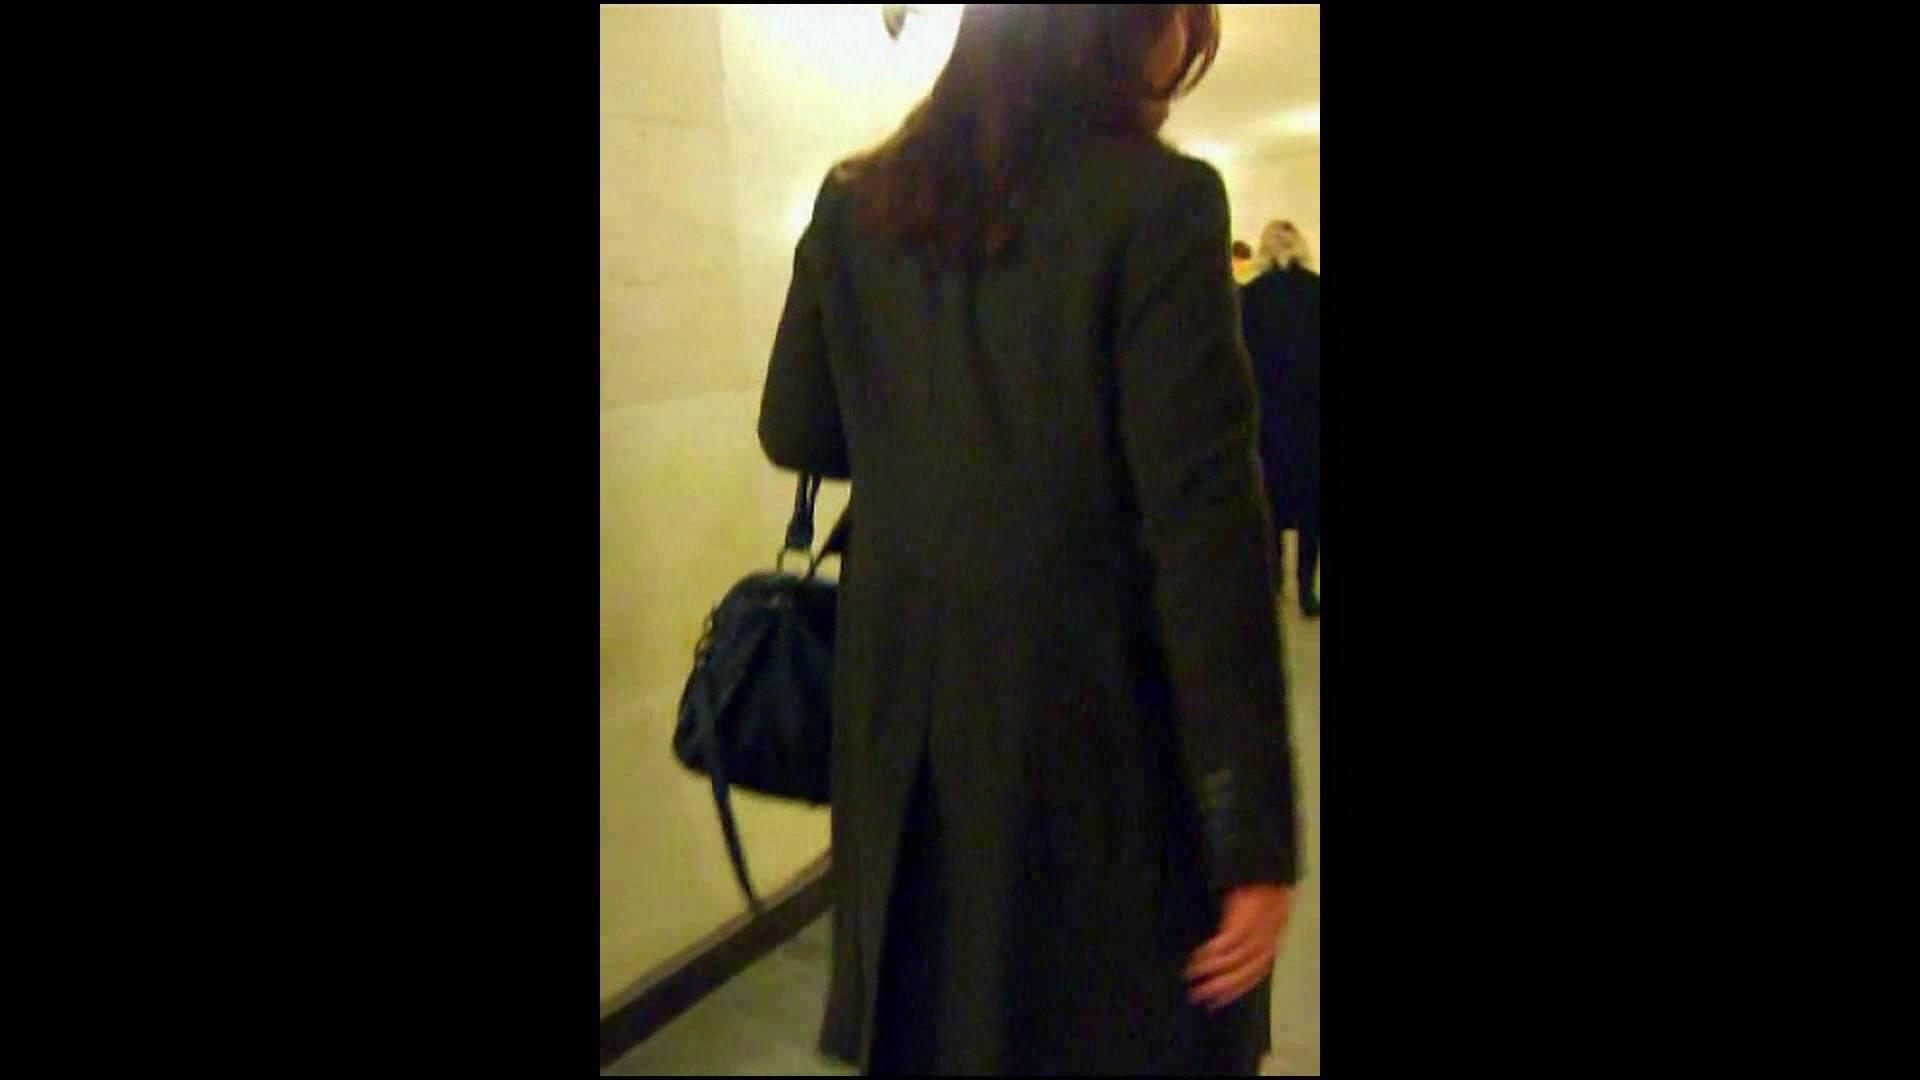 綺麗なモデルさんのスカート捲っちゃおう‼vol05 モデルのエロ生活 | OLのエロ生活  62連発 40